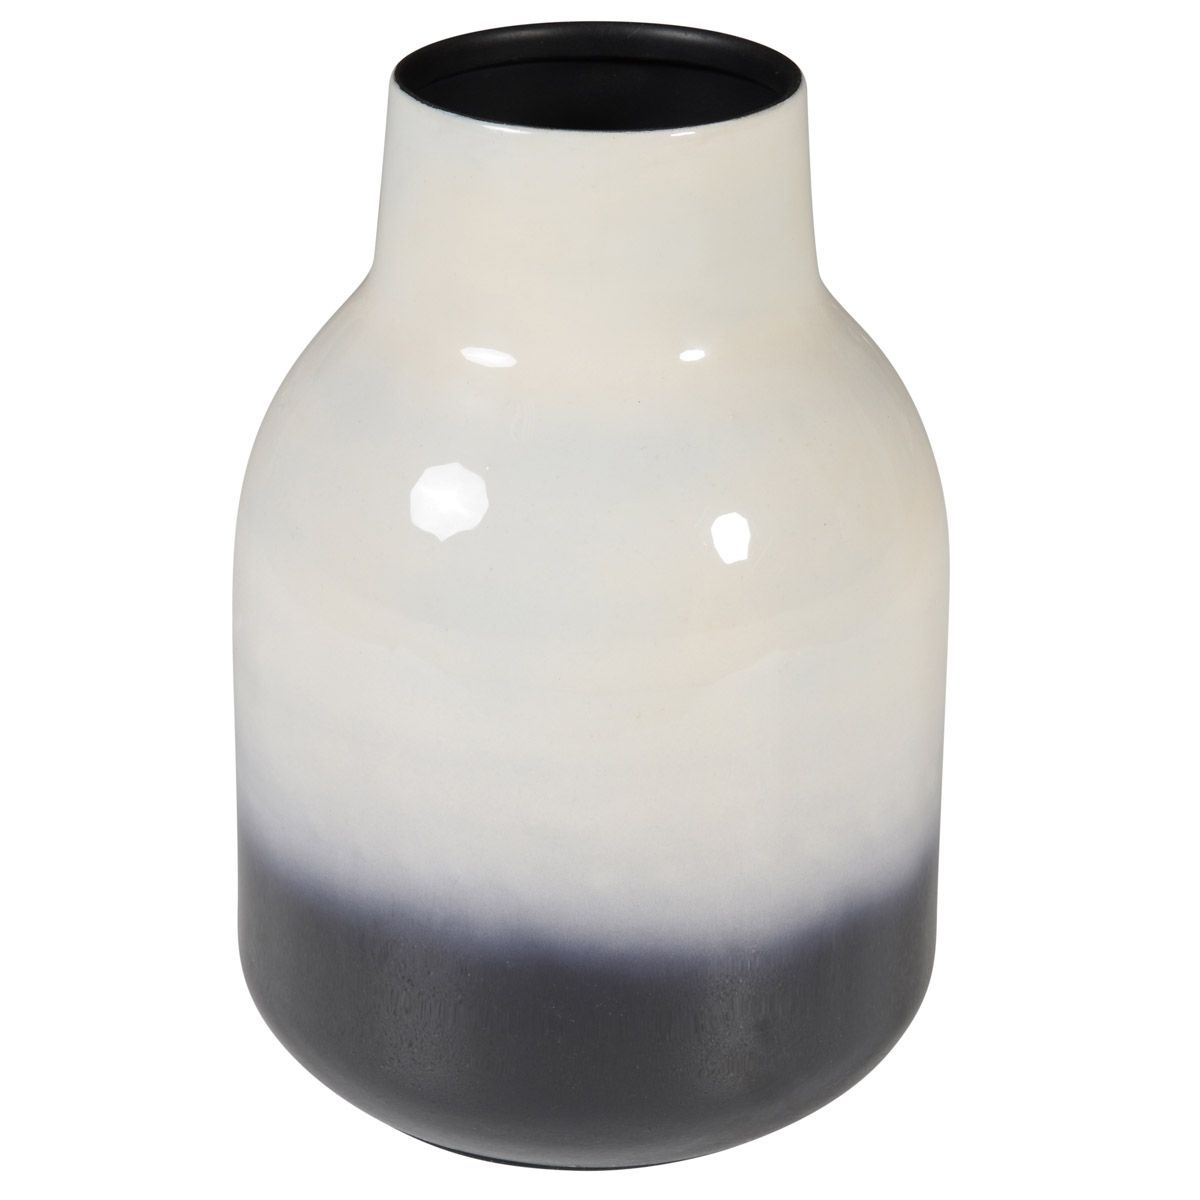 Vase bicolore blanc et noir HALEY